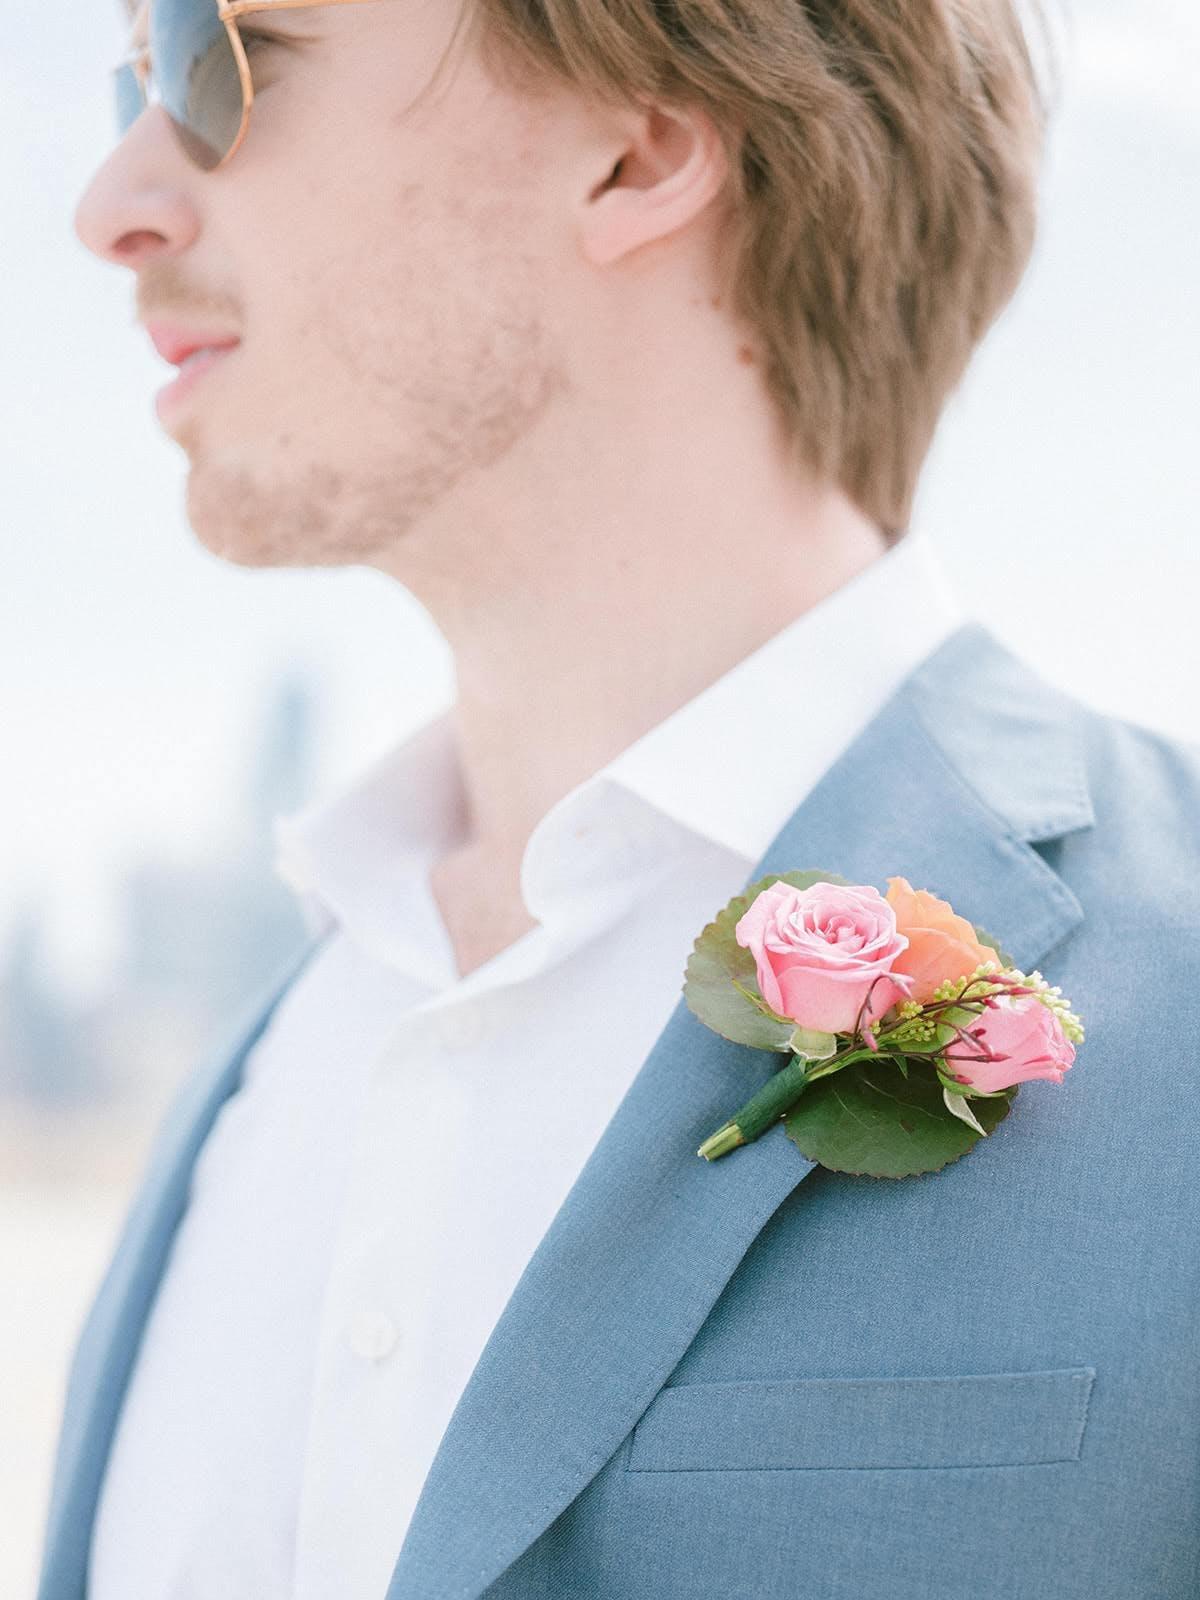 Spring Wedding Ideas: Blush Pink Boutonniere